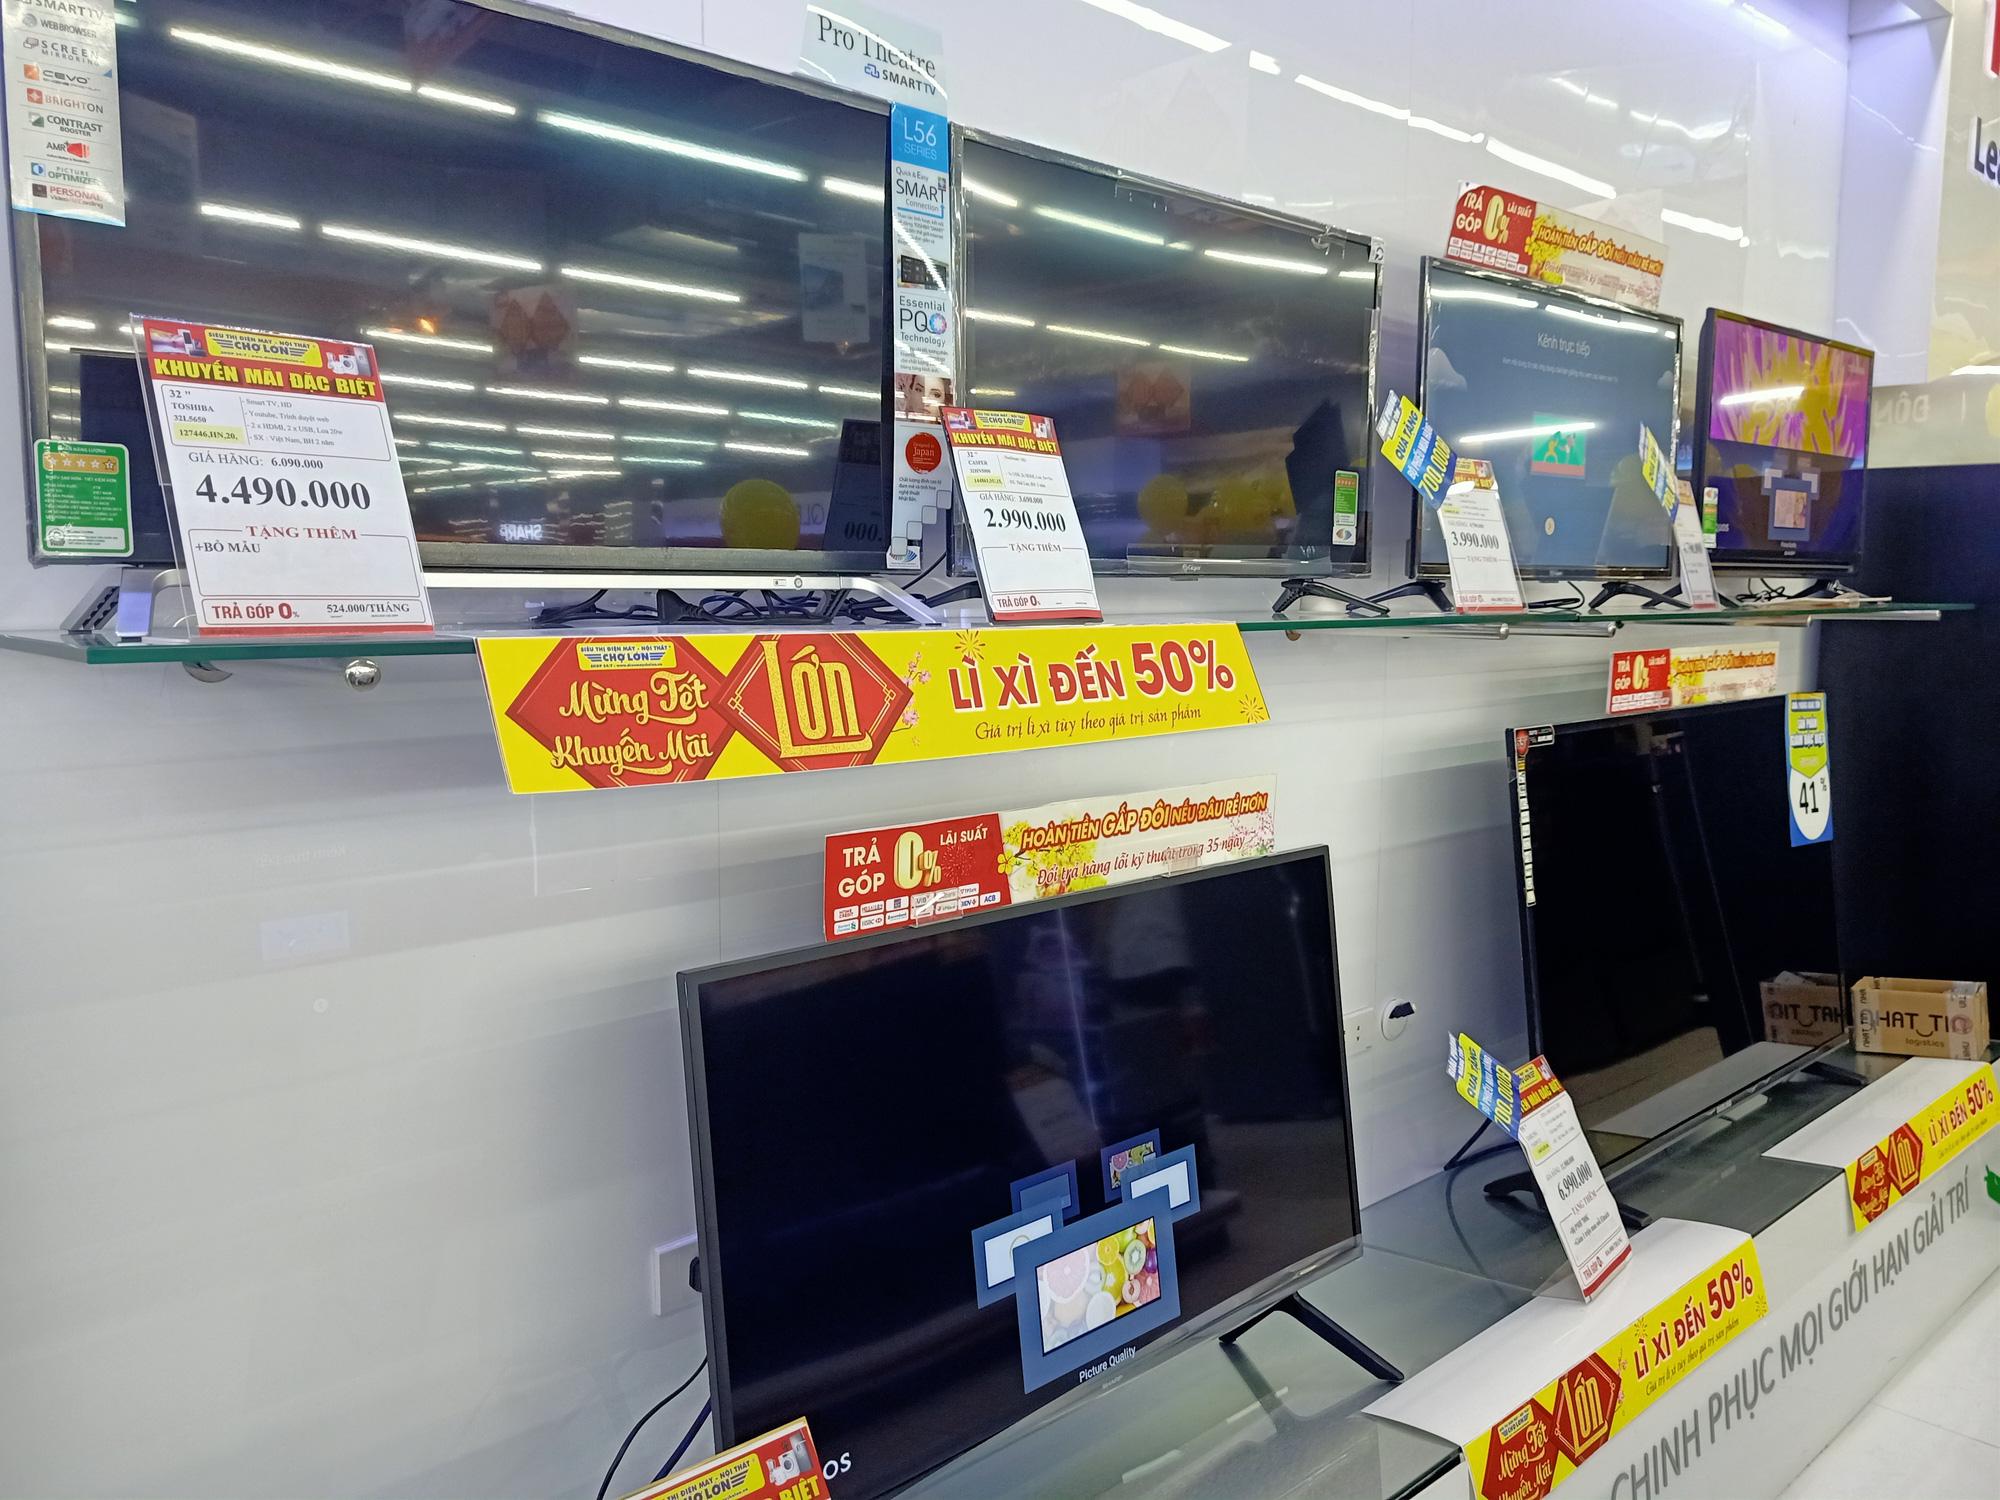 Tivi giảm giá tuần này: Nhiều khuyến mãi cho các loại sản phẩm khác nhau - Ảnh 1.